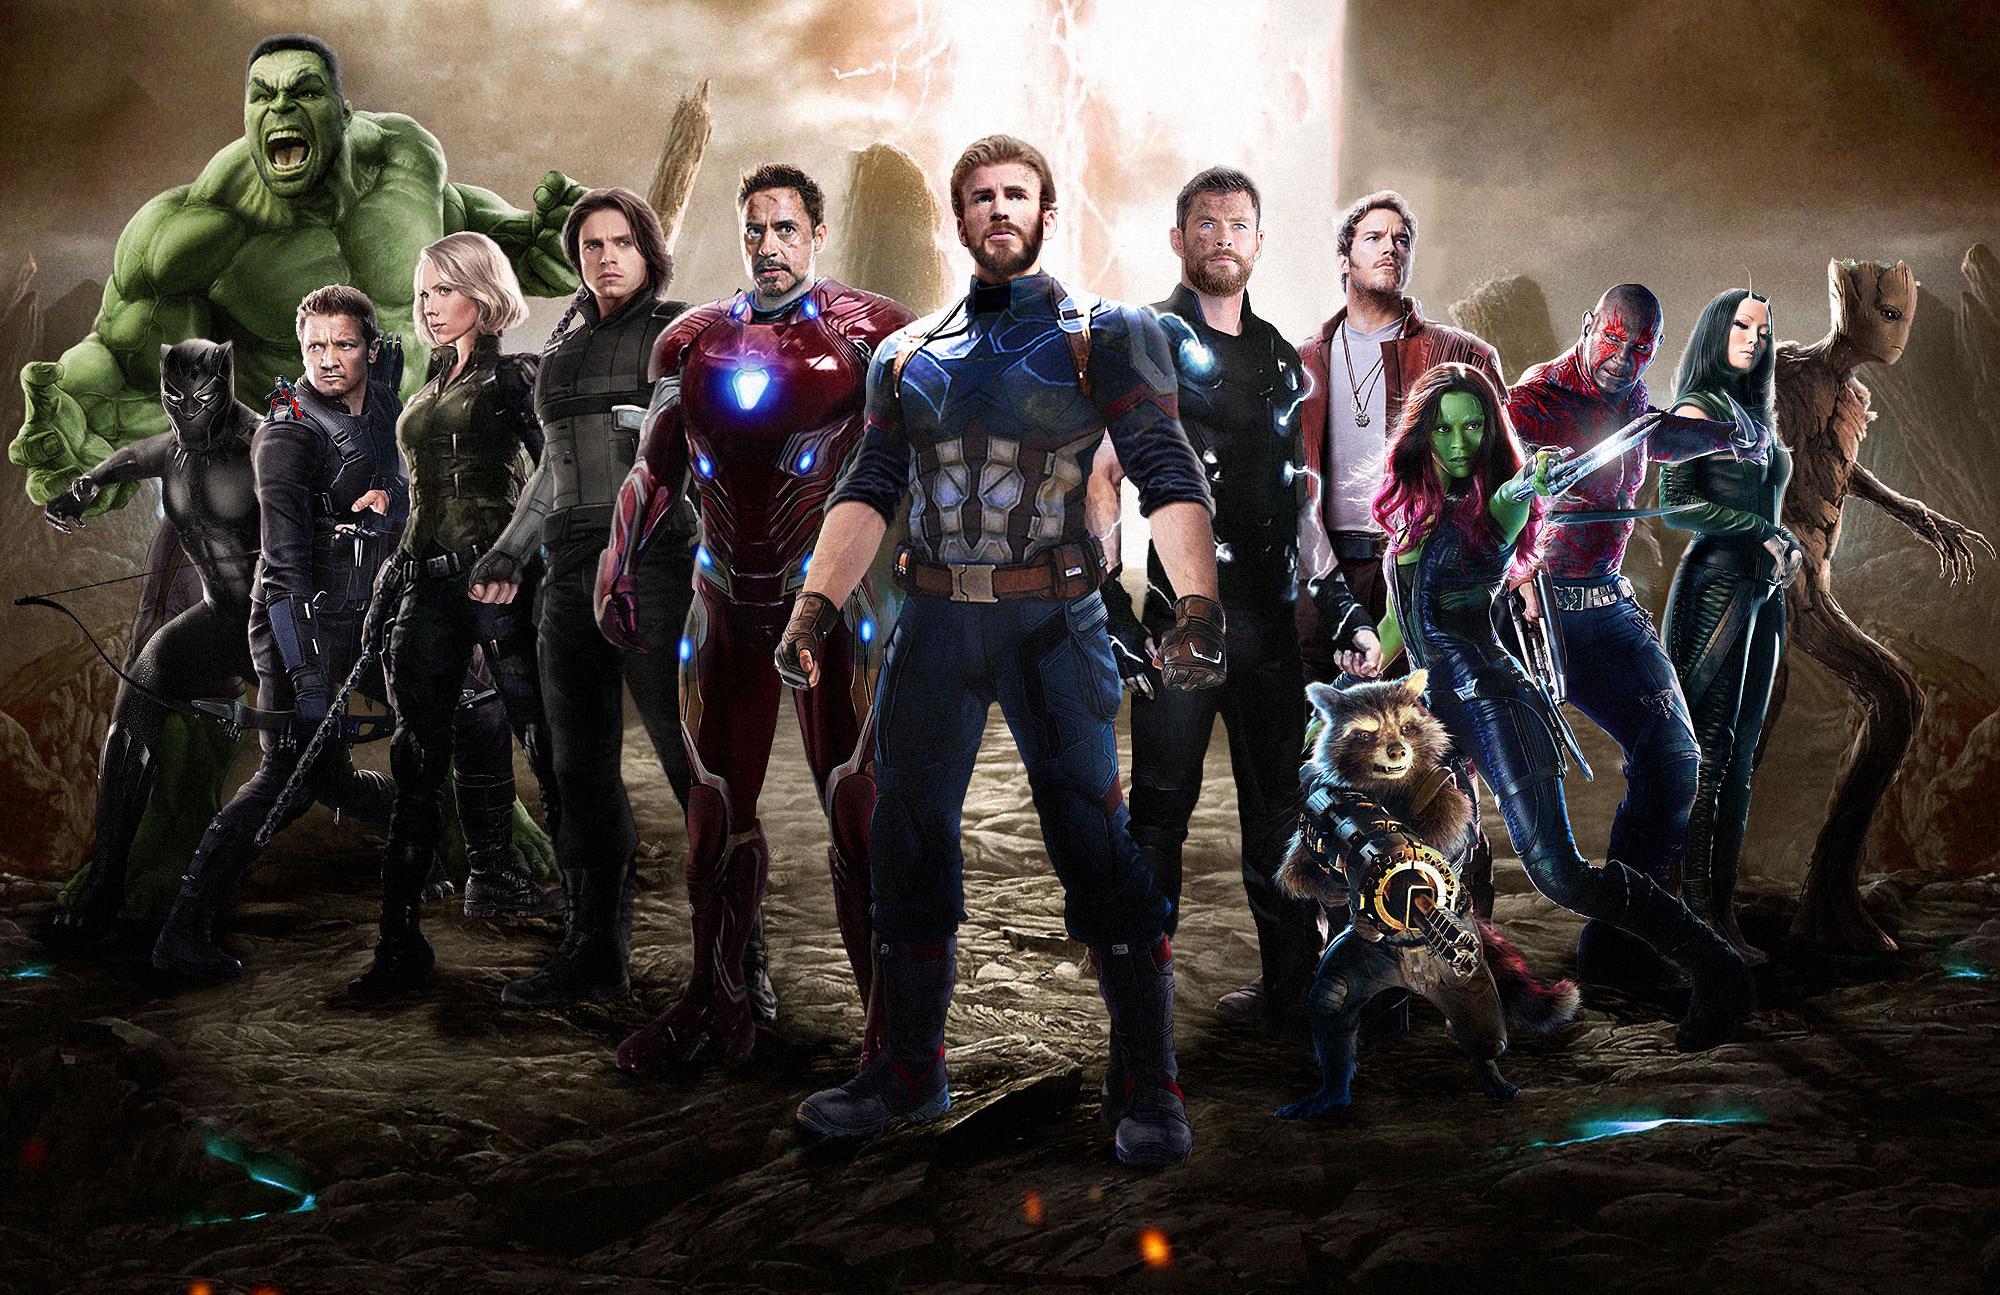 Wallpaper 4k Avengers Infinity War 2018 Movie Fan Art 4k Avenger